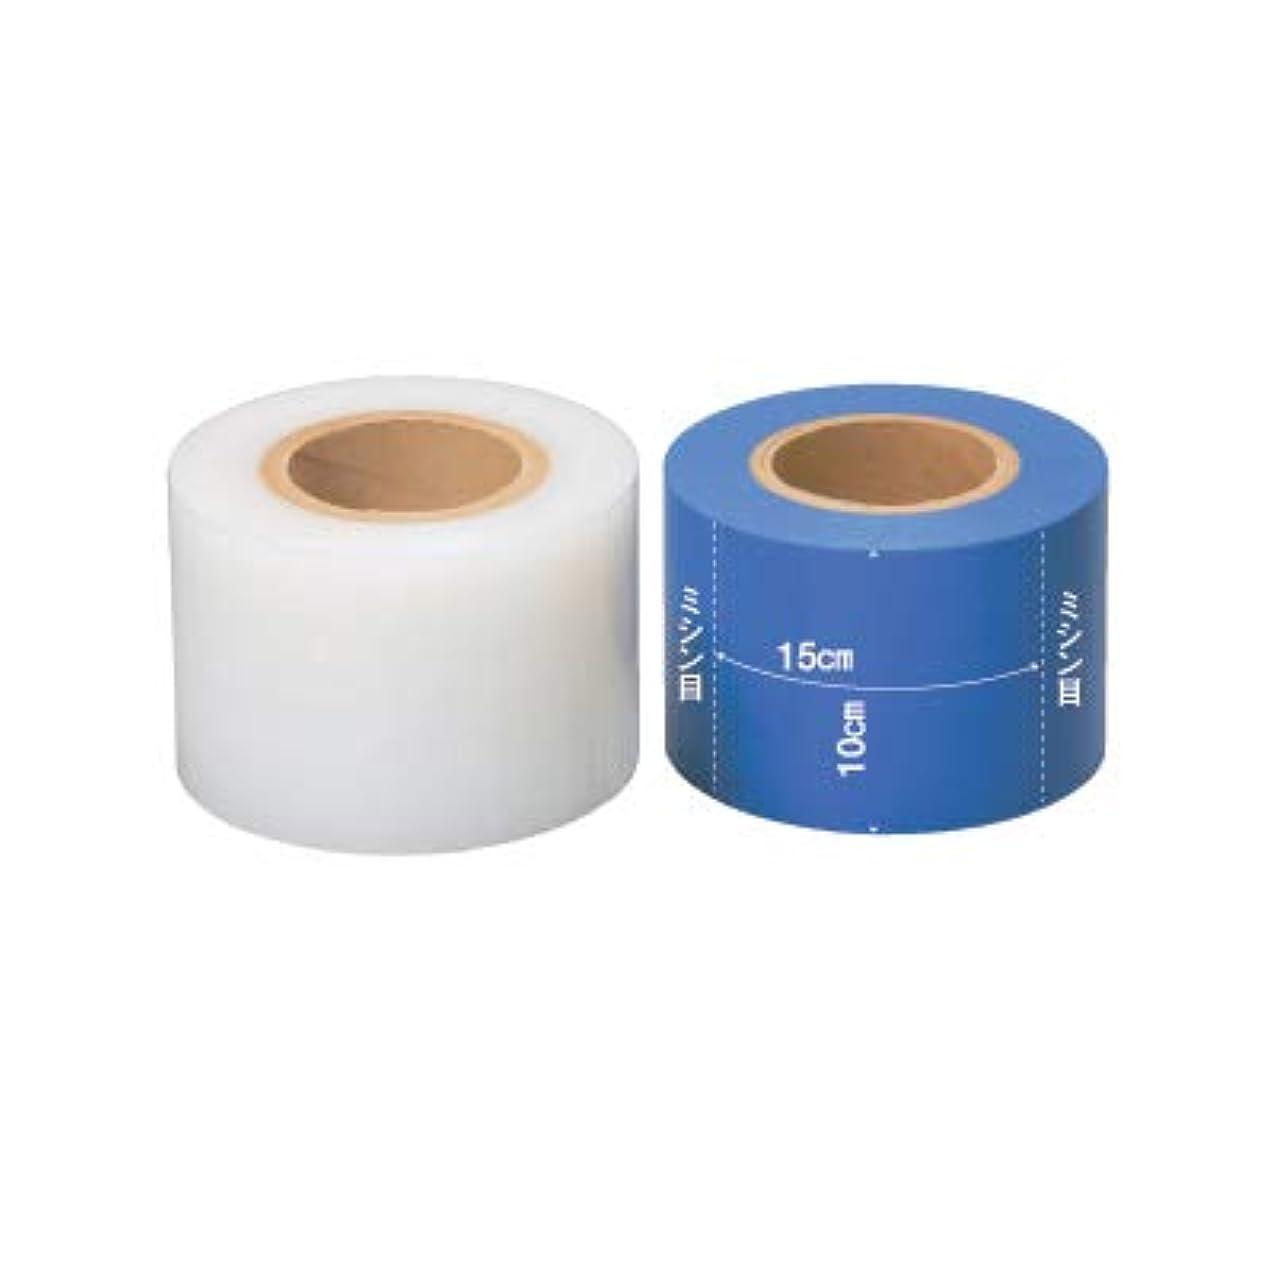 本能きらめき非難する(ロータス)LOTUS バリアフィルムテープ 10cm×180m (保護用テープ ミシン目あり) (ブルー)